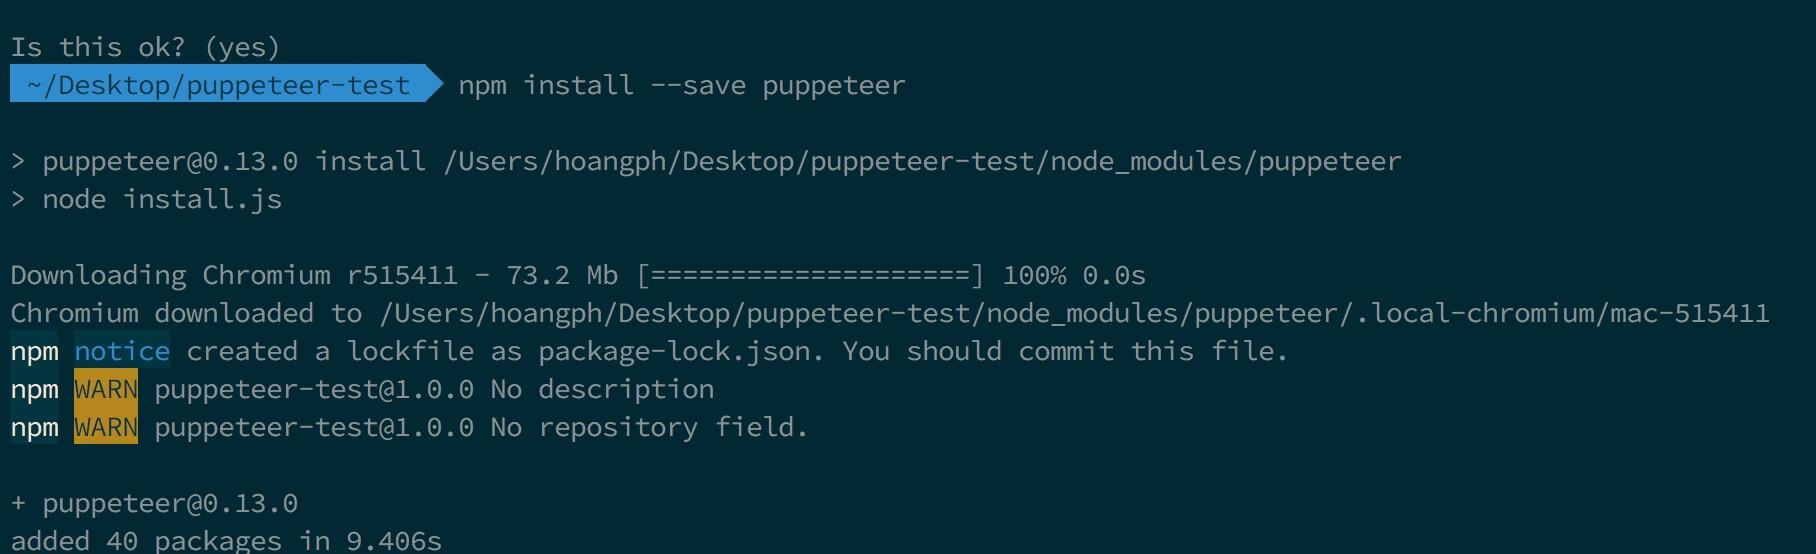 Làm trò với Puppeteer – Phần 1: Cùng tìm hiểu về Puppeteer